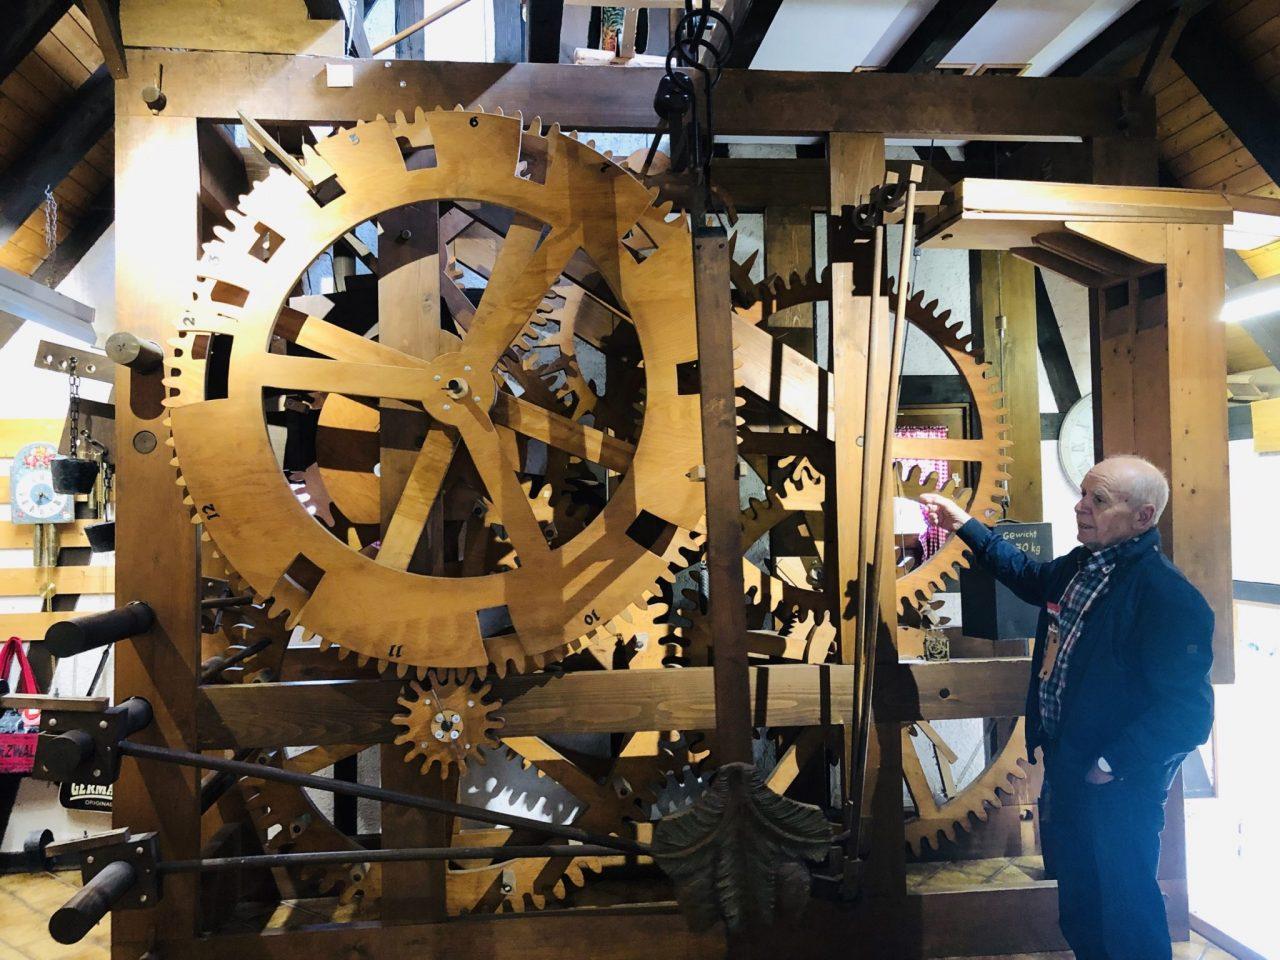 Mechanism of cuckoo clock enlarged